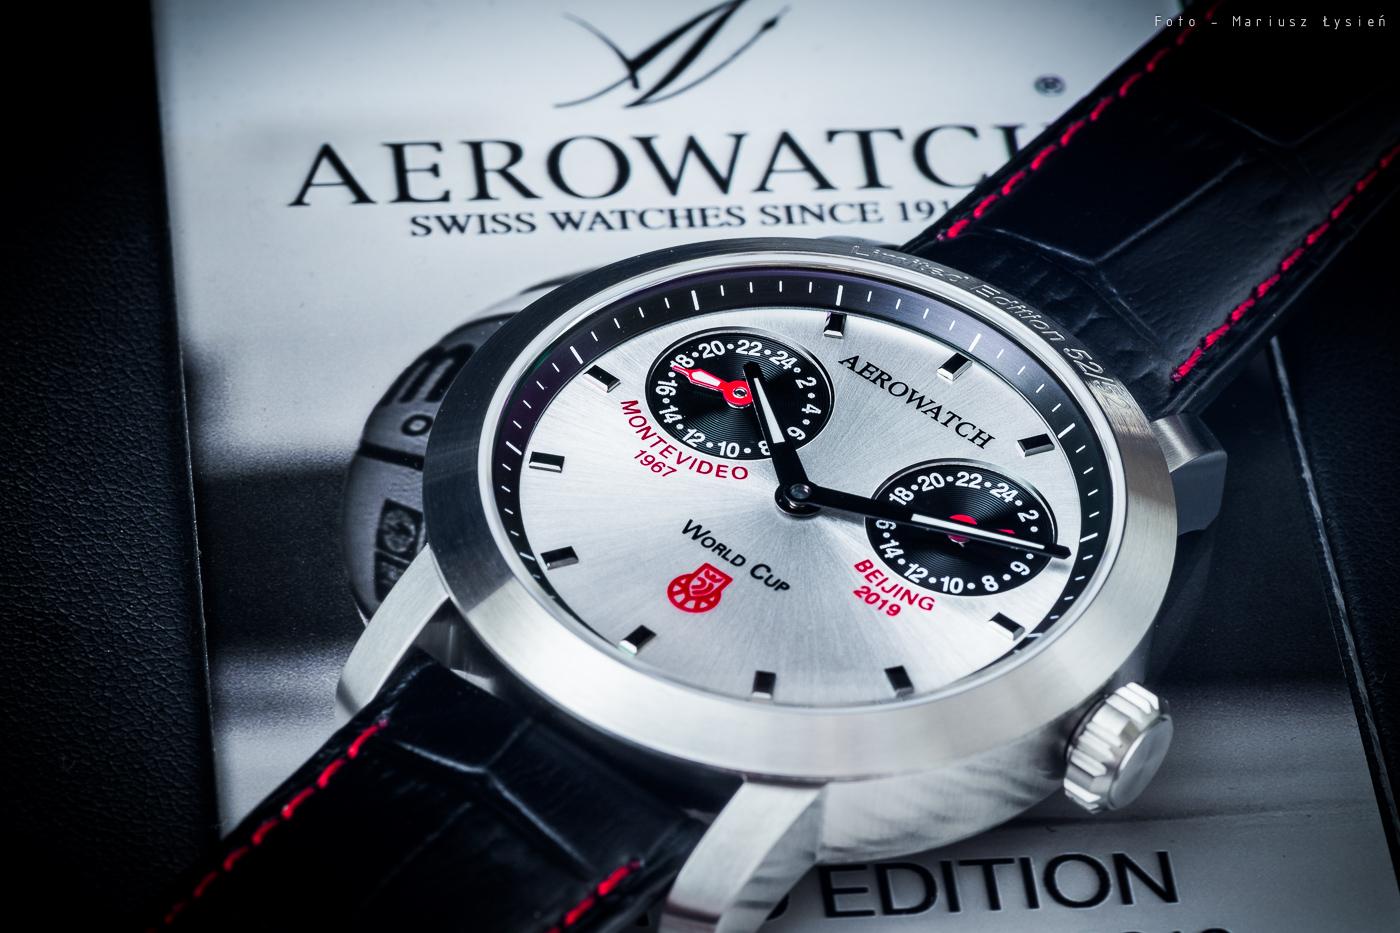 Zegarek Aerowatch Renaissance Polish Basketball posiada ręcznie naniesione indeksy.